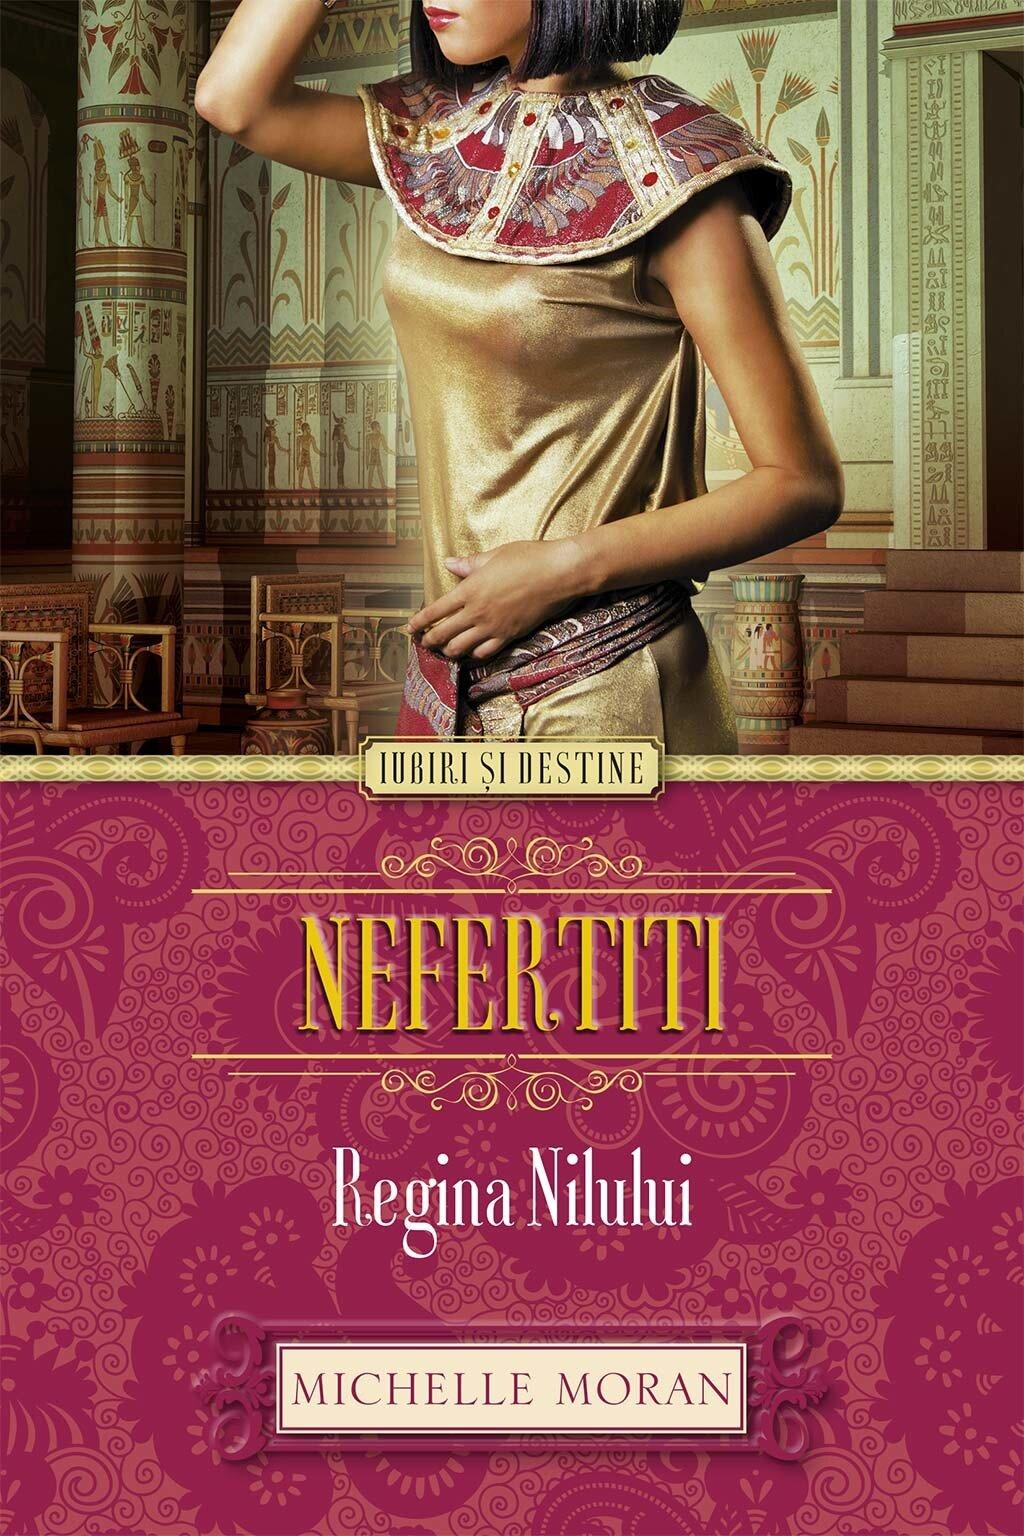 Nefertiti. Regina Nilului PDF (Download eBook)